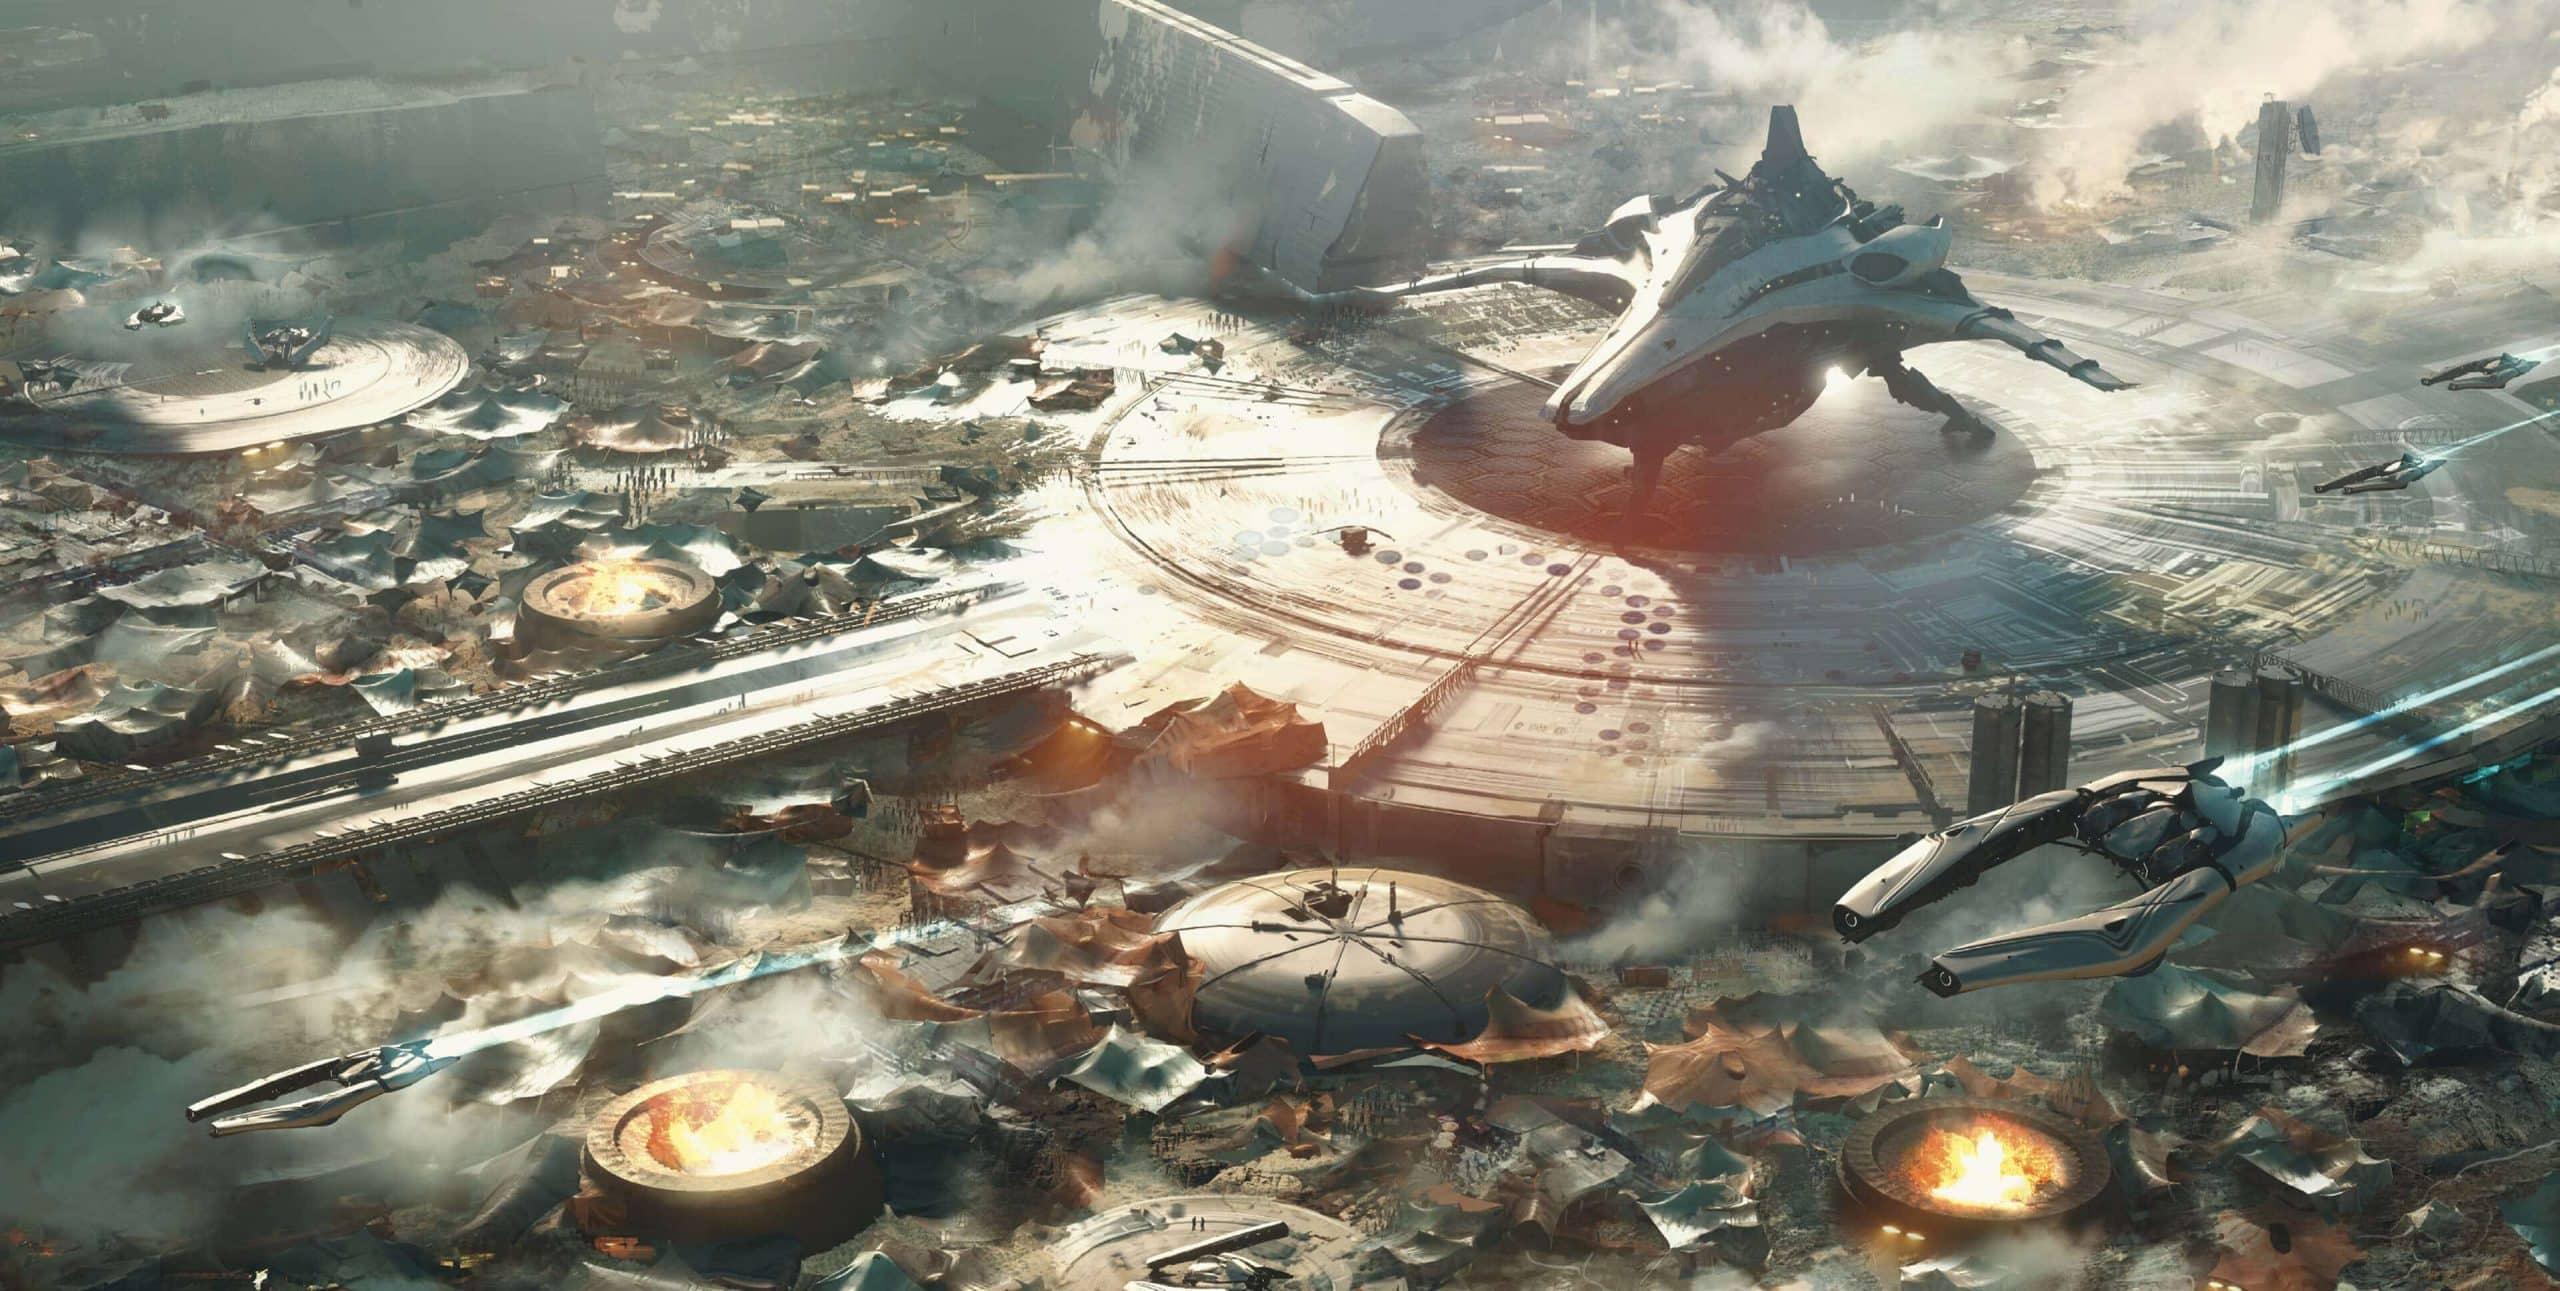 Banu Merchantman Star Citizen Referral Code STAR-GN2F-6JLW